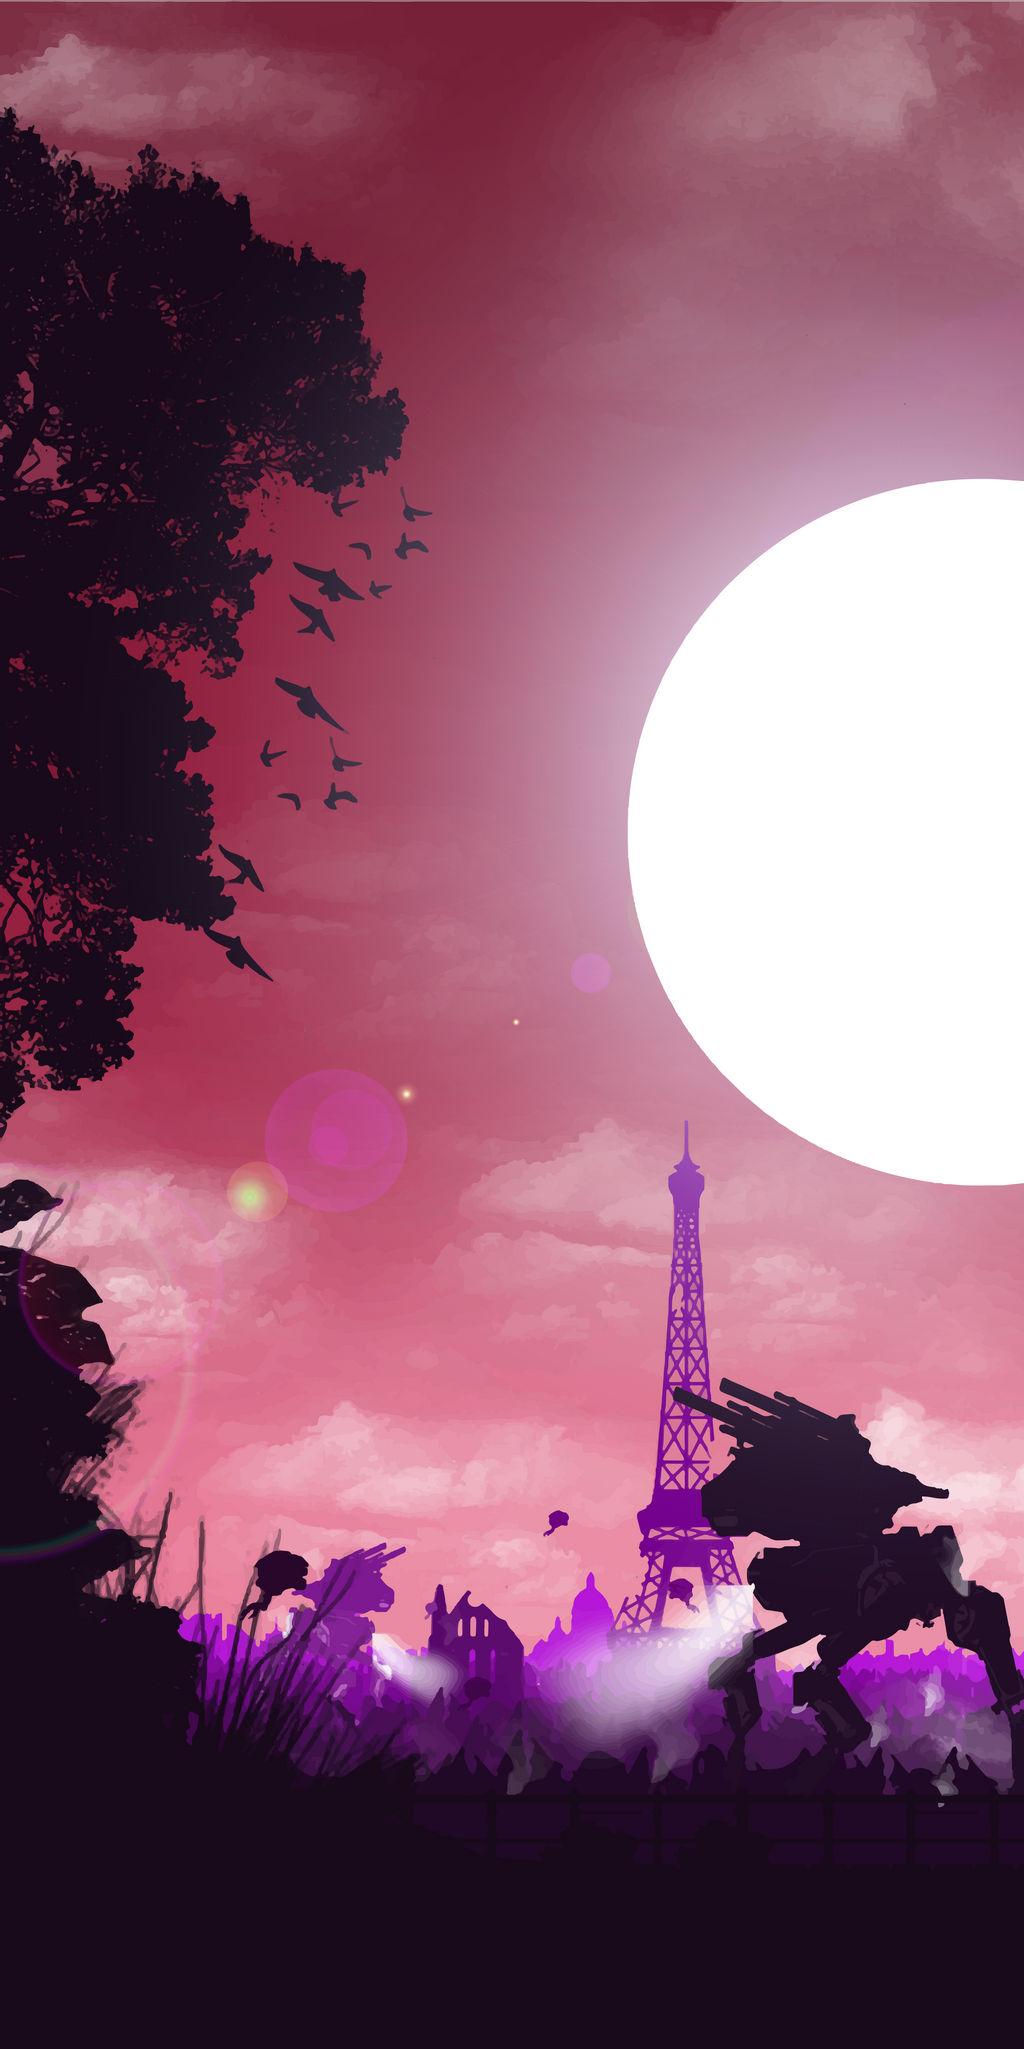 Deviant - art : une source d'inspiration pour nos univers ? - Page 2 When_a_war_hit_paris_again_by_avryb_dedva0p-fullview.jpg?token=eyJ0eXAiOiJKV1QiLCJhbGciOiJIUzI1NiJ9.eyJzdWIiOiJ1cm46YXBwOiIsImlzcyI6InVybjphcHA6Iiwib2JqIjpbW3siaGVpZ2h0IjoiPD0yMDQ5IiwicGF0aCI6IlwvZlwvMDMxMWE1MjktZTE3MS00ZmVhLWJmZTctNDI1ZjcwMDE1OTZmXC9kZWR2YTBwLWFjYjMwNzlmLThiMmYtNDVkMS1iYzg1LTA2Y2JhMTVlNDE4ZS5wbmciLCJ3aWR0aCI6Ijw9MTAyNCJ9XV0sImF1ZCI6WyJ1cm46c2VydmljZTppbWFnZS5vcGVyYXRpb25zIl19